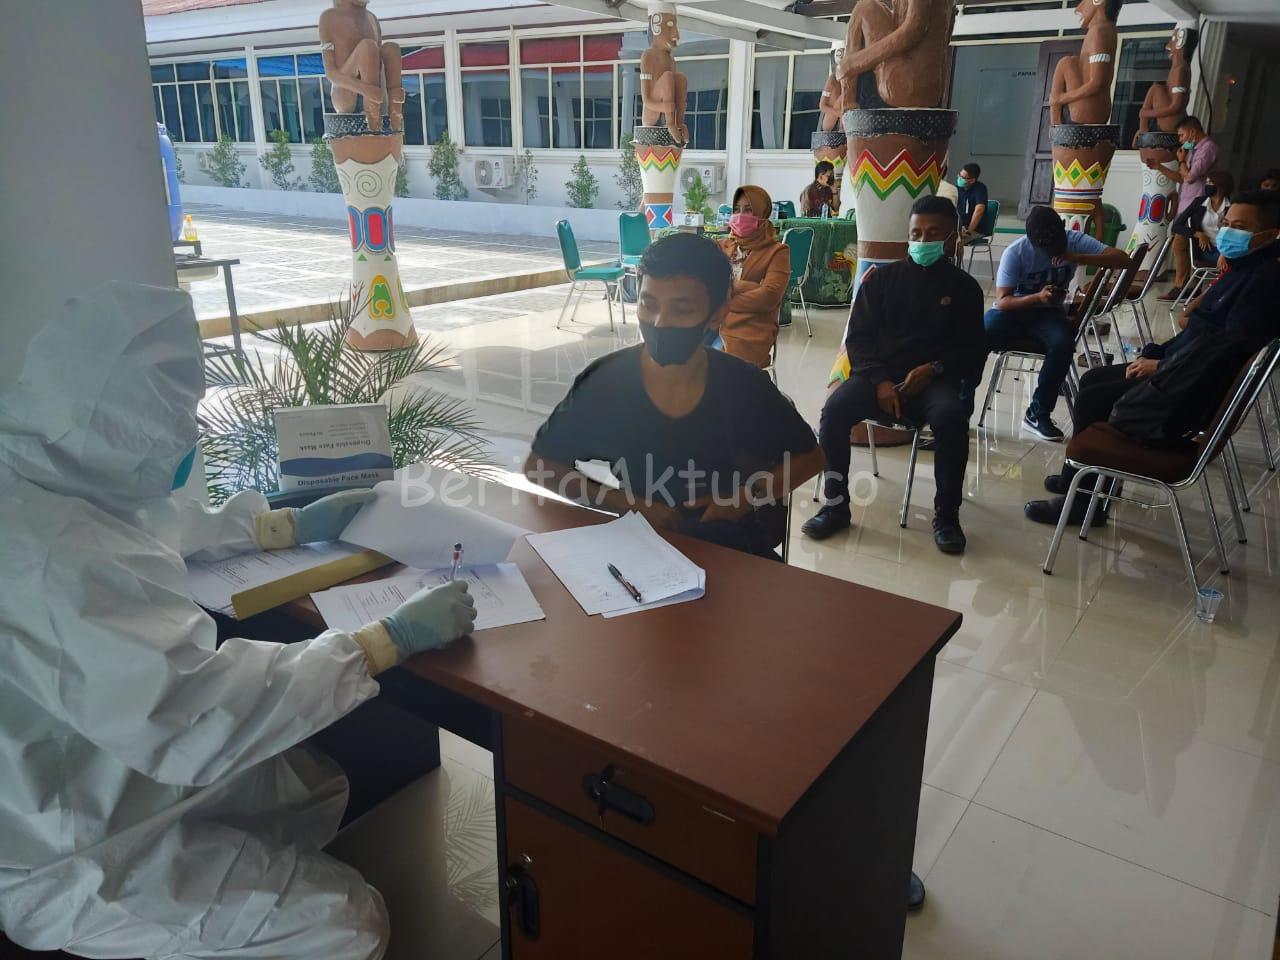 Hari Kedua, Kejati Papua Barat Buka Pemeriksaan Swab Gratis Untuk Masyarakat 2 IMG 20200612 WA0033